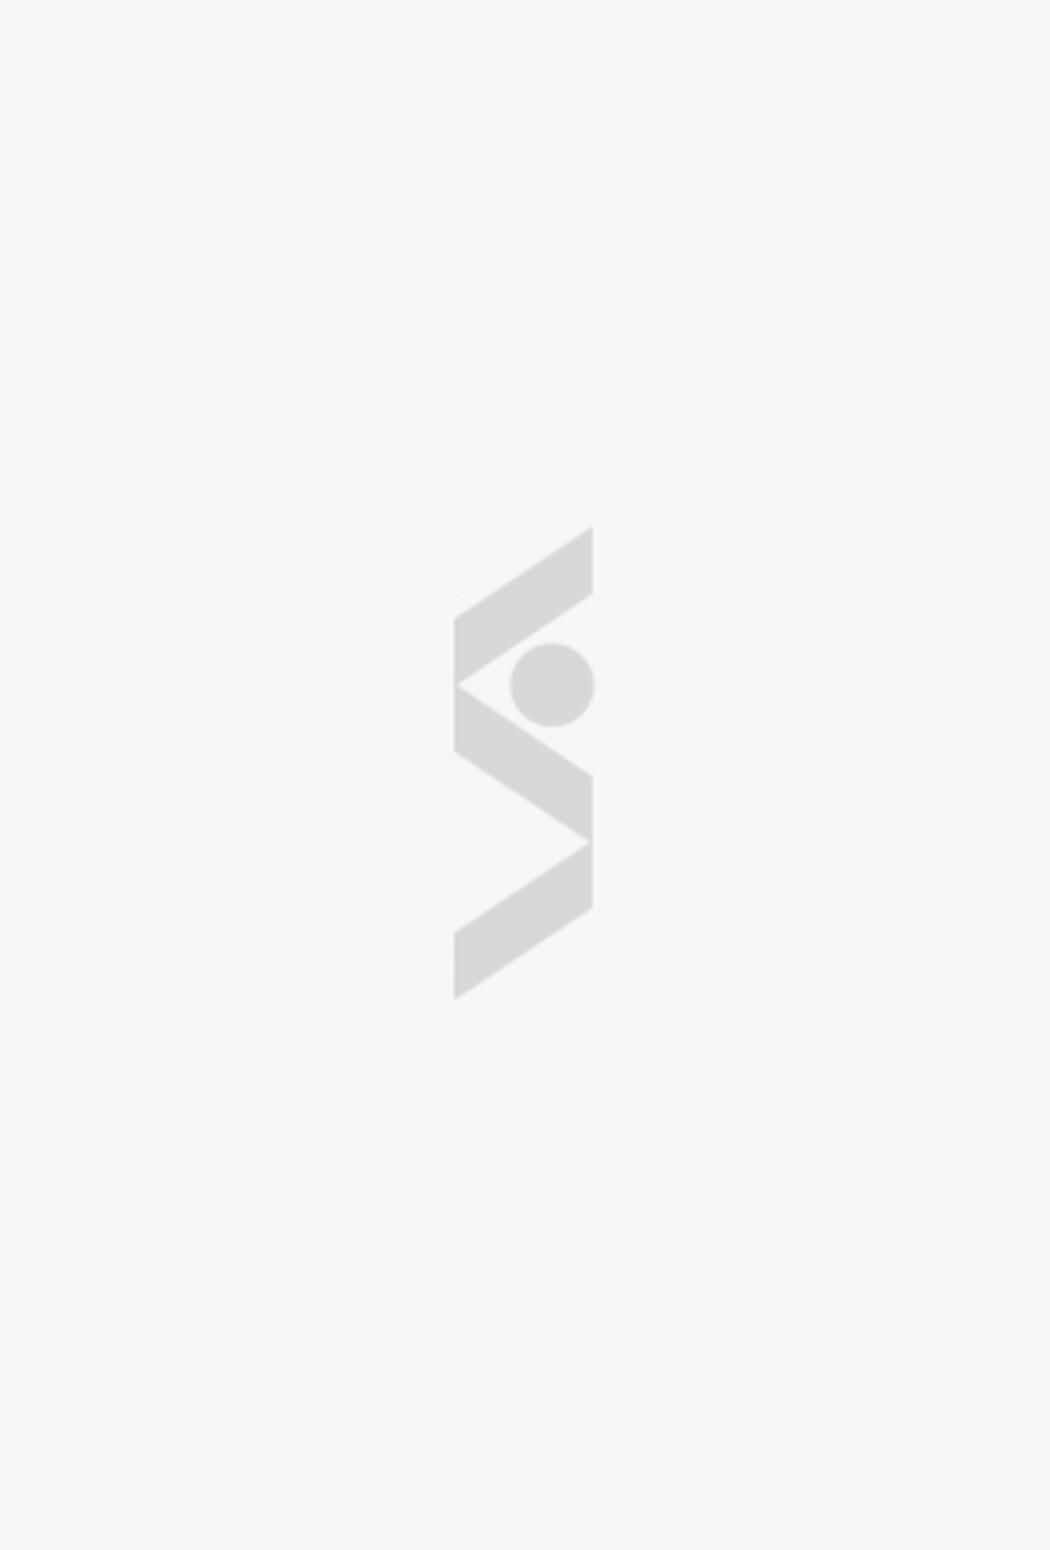 Босоножки на широком каблуке из кожи Ever be - купить, цена 6990 ₽ в Москве в интернет-магазине СТОКМАНН